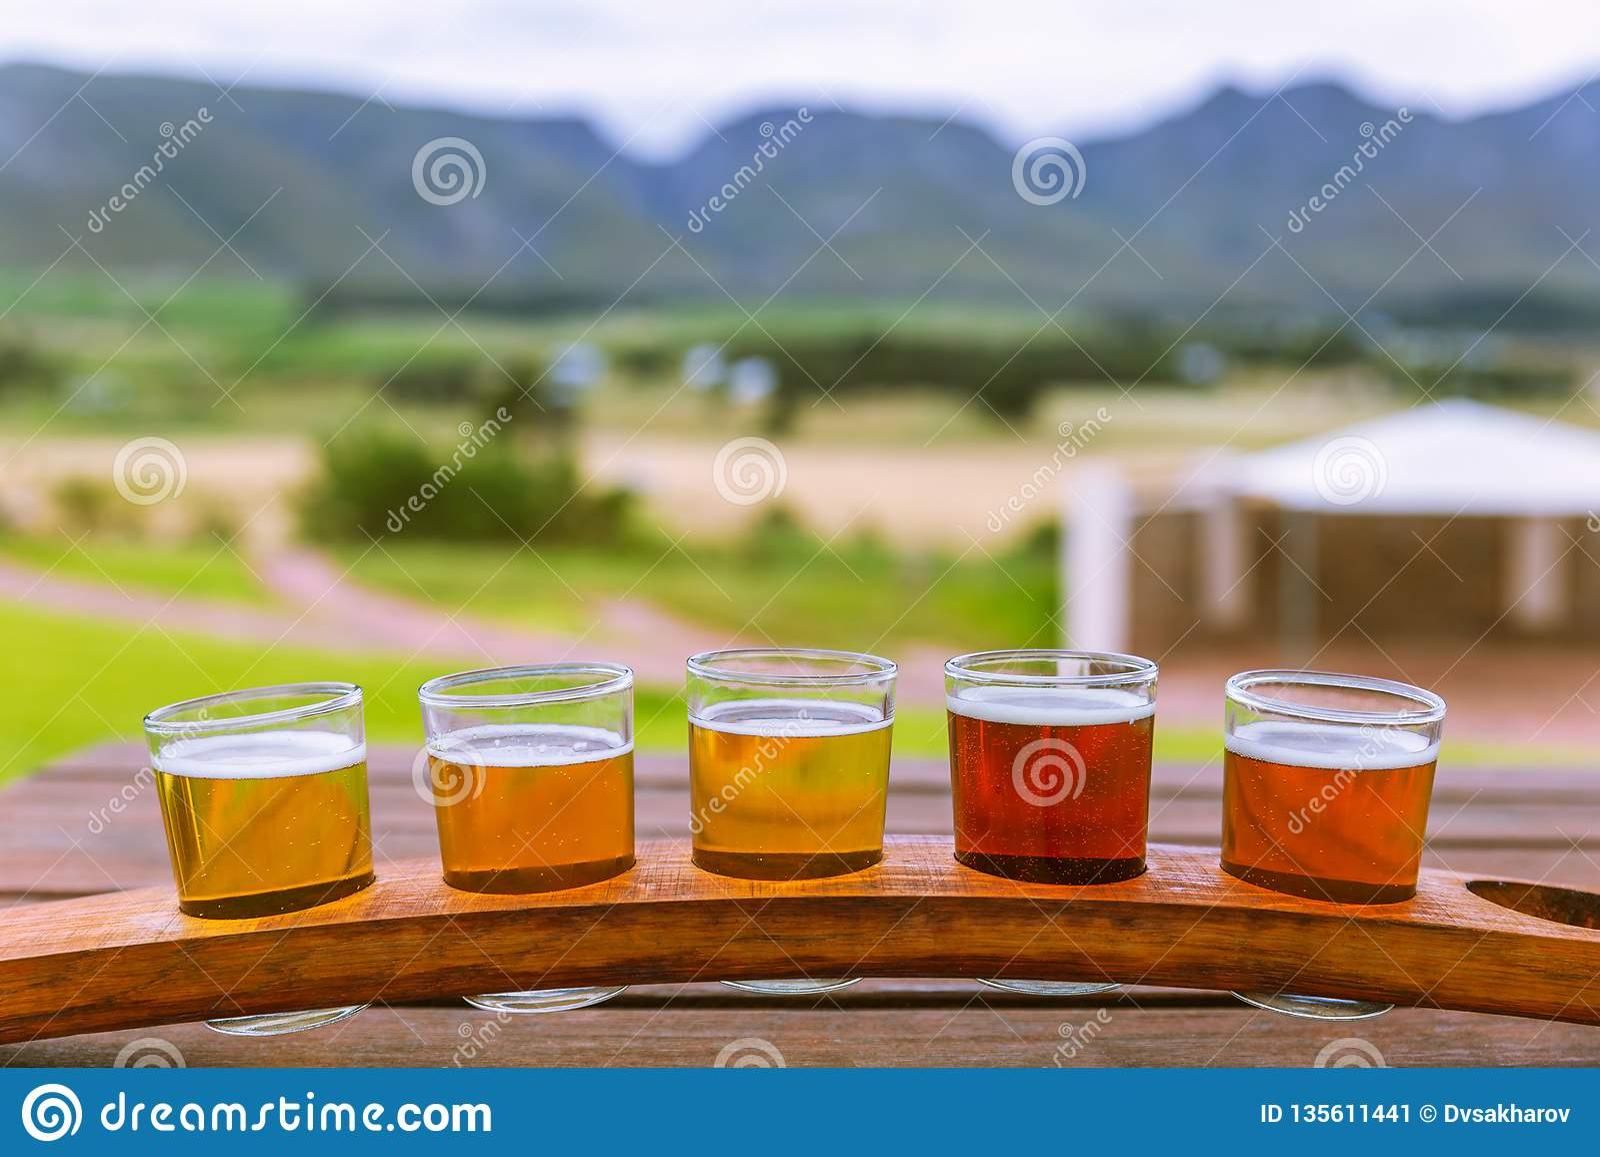 Bier, das Gläser auf einem hölzernen Behälter außerhalb der Brauerei schmeckt